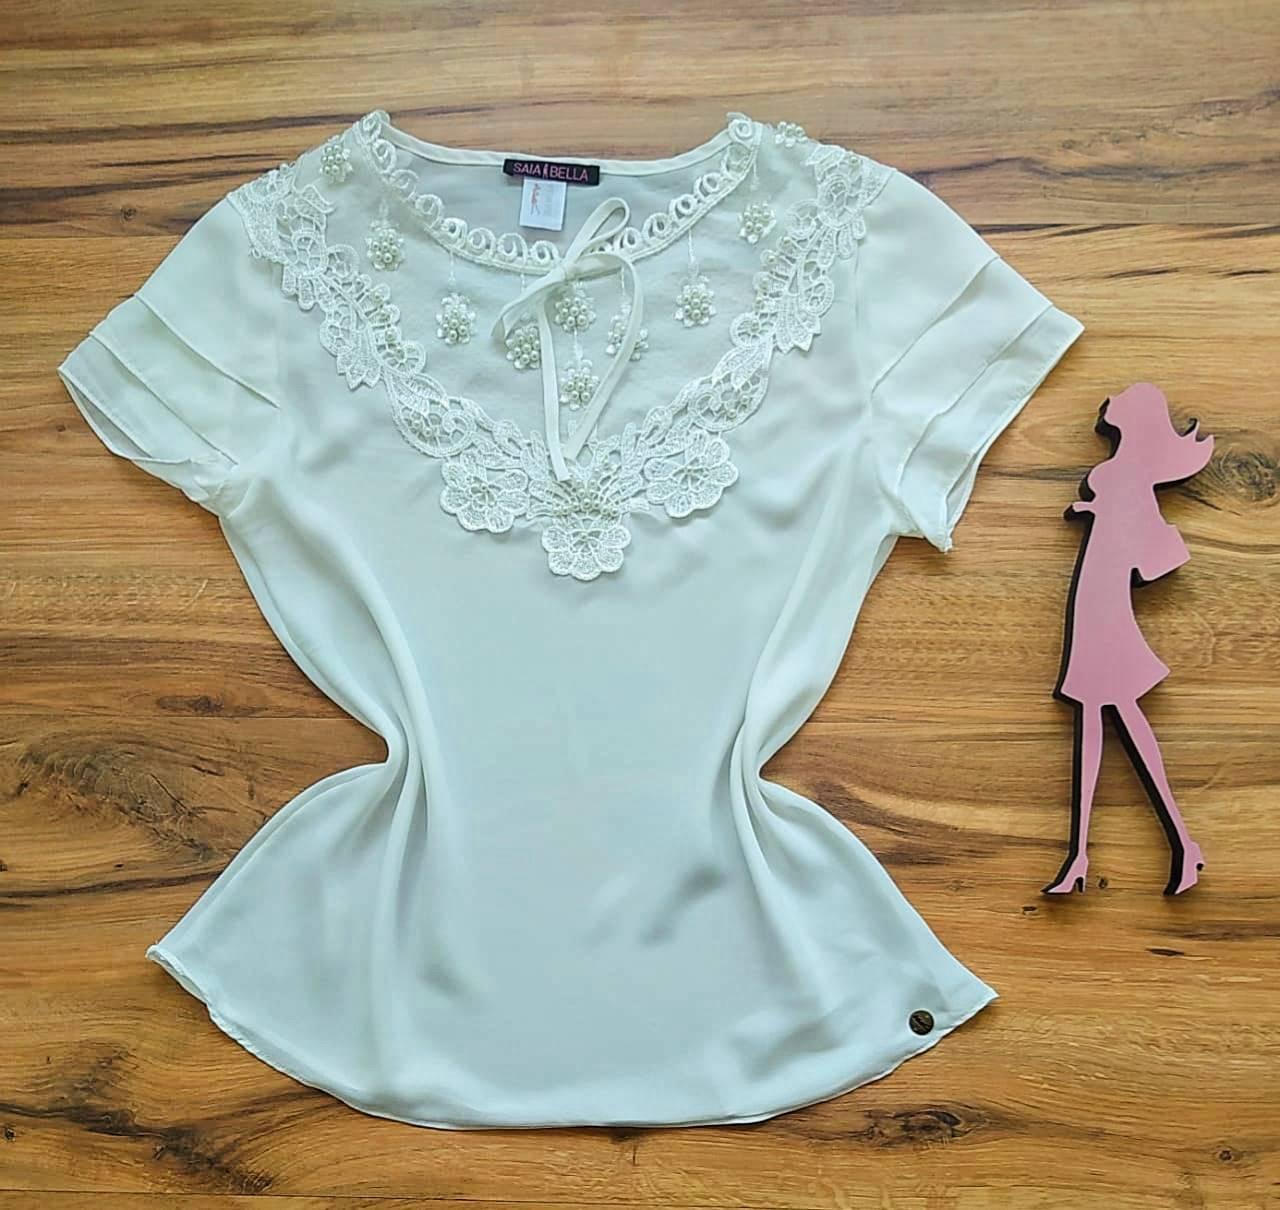 Blusa Fany de Renda Saia Bella - SB79901 Branco